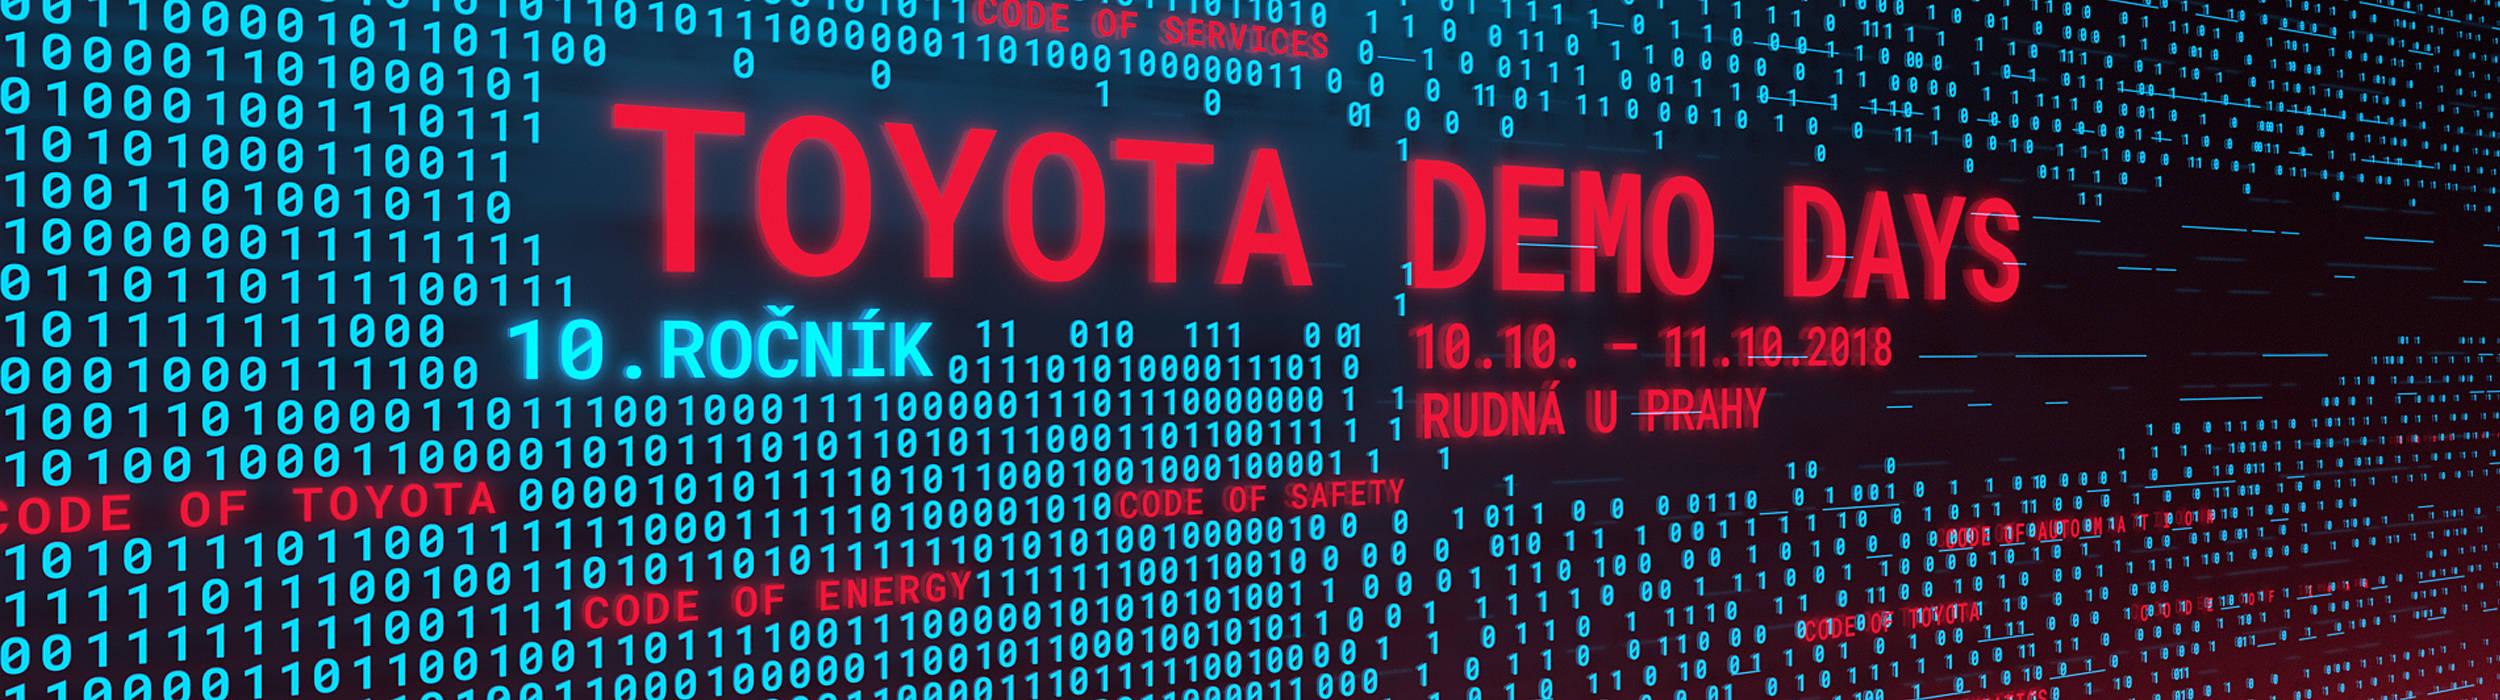 Toyota Demo Days 2018 - setkání logistických odborníků